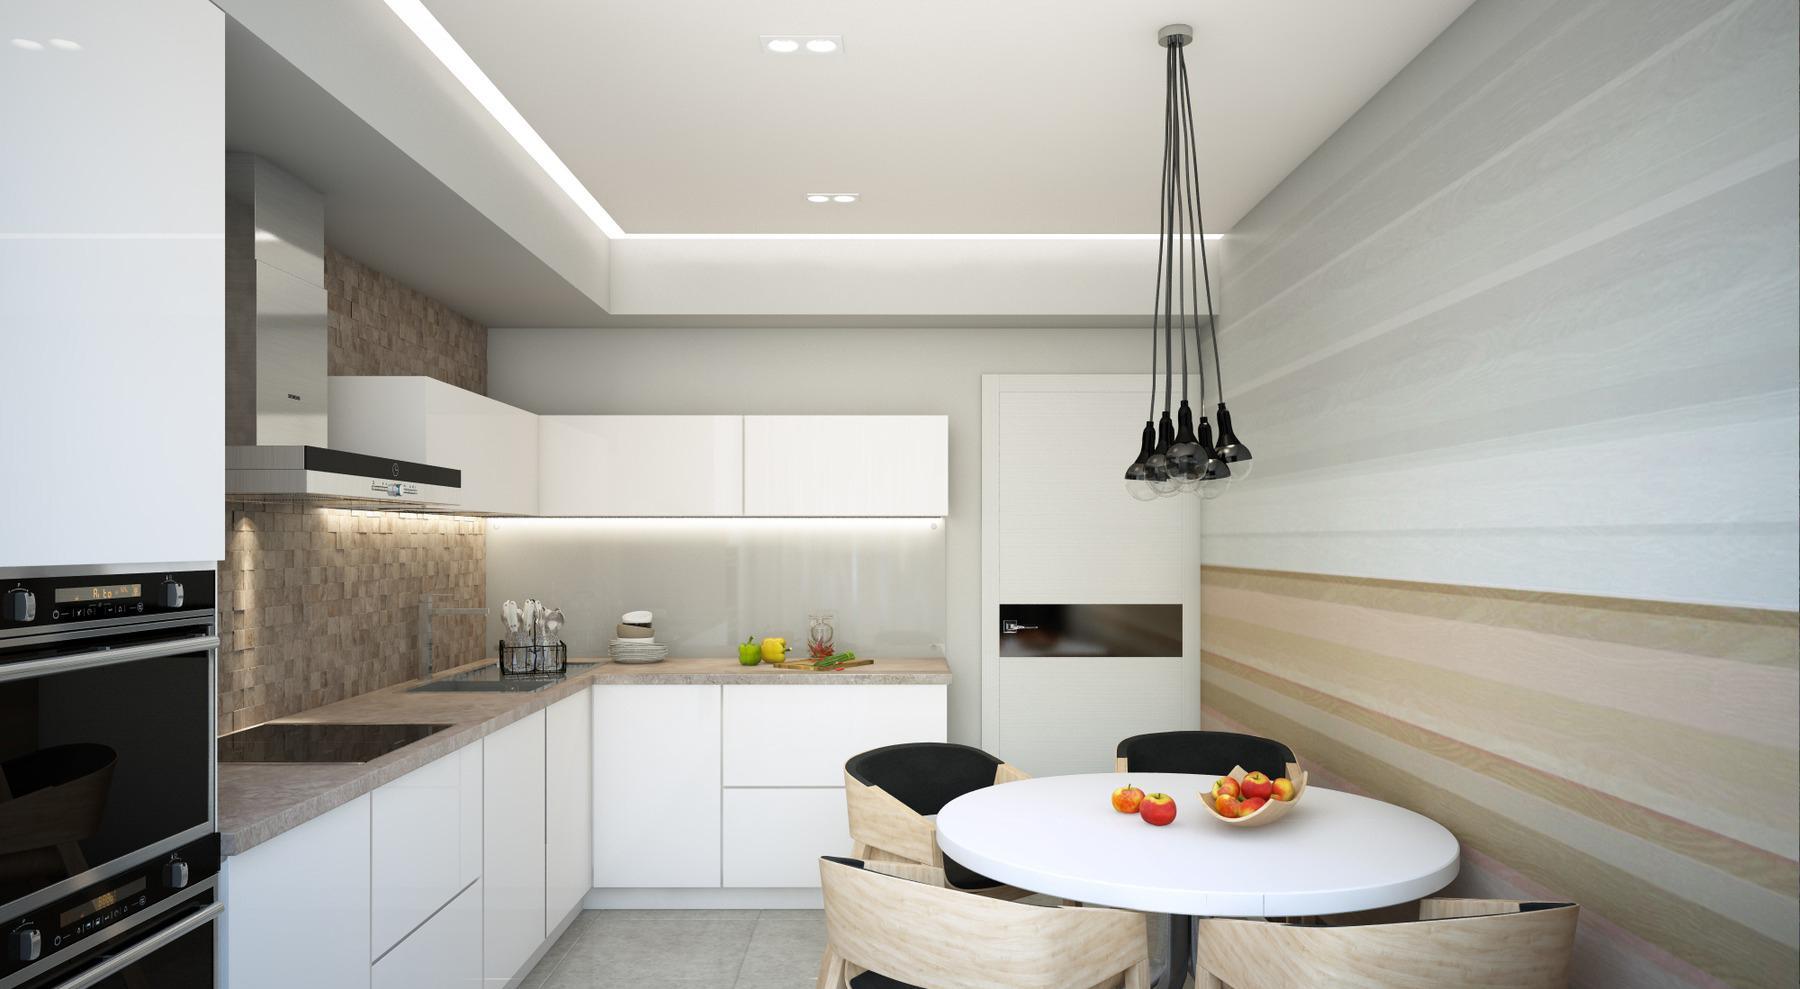 Горизонтальные полоски и плитка под дерево в дизайне кухни